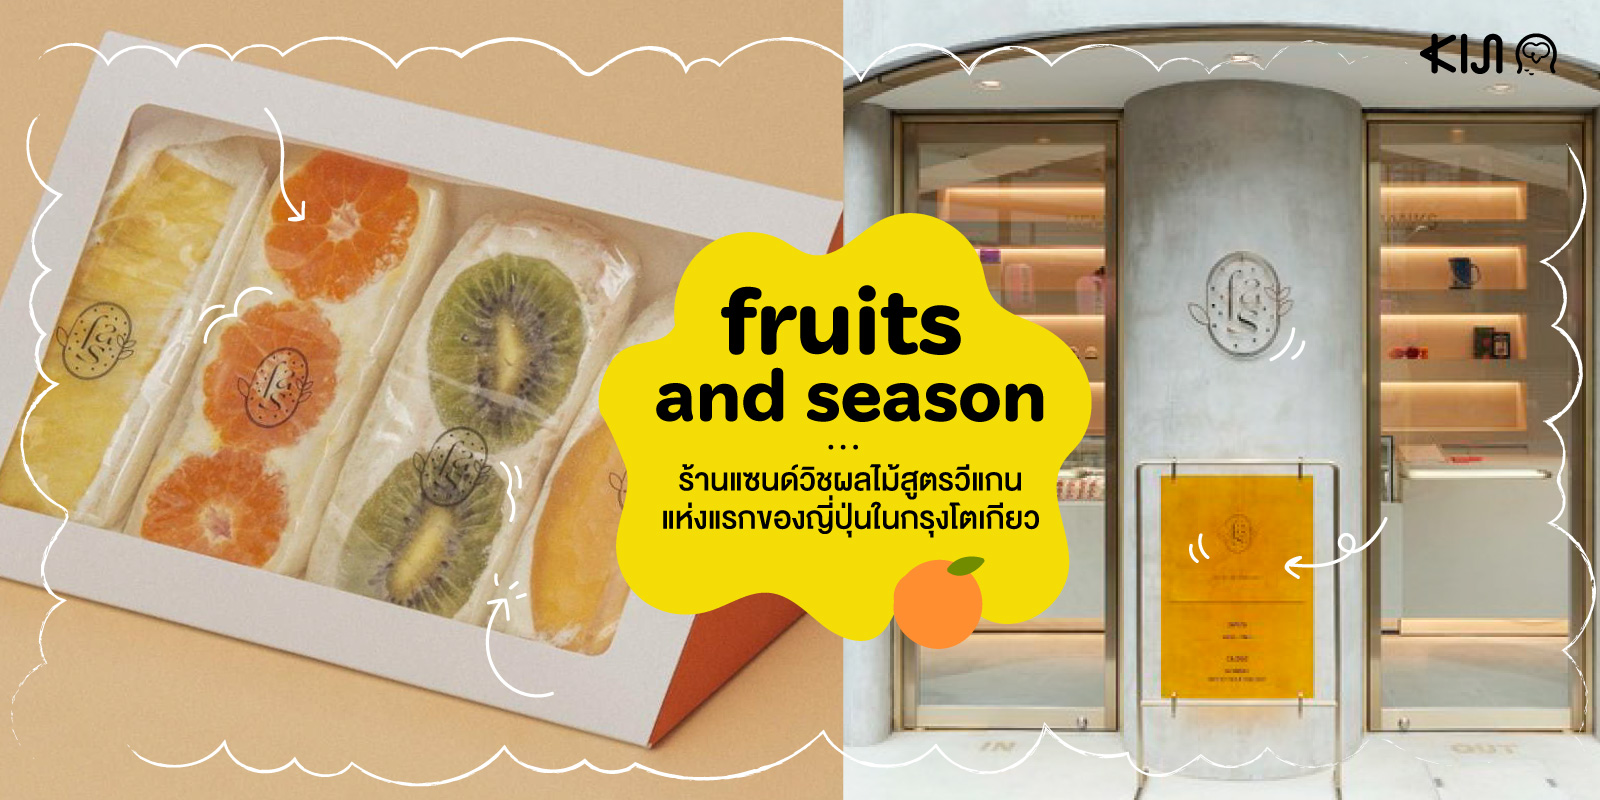 fruits and season แบรนด์แซนวิชผลไม้สุดชิคที่ชาววีแกนก็สามารถกินได้! รับรองคุณภาพความสดใหม่เพราะผลไม้ที่เป็นผลไม้ประจำฤดูกาลไงล่ะ